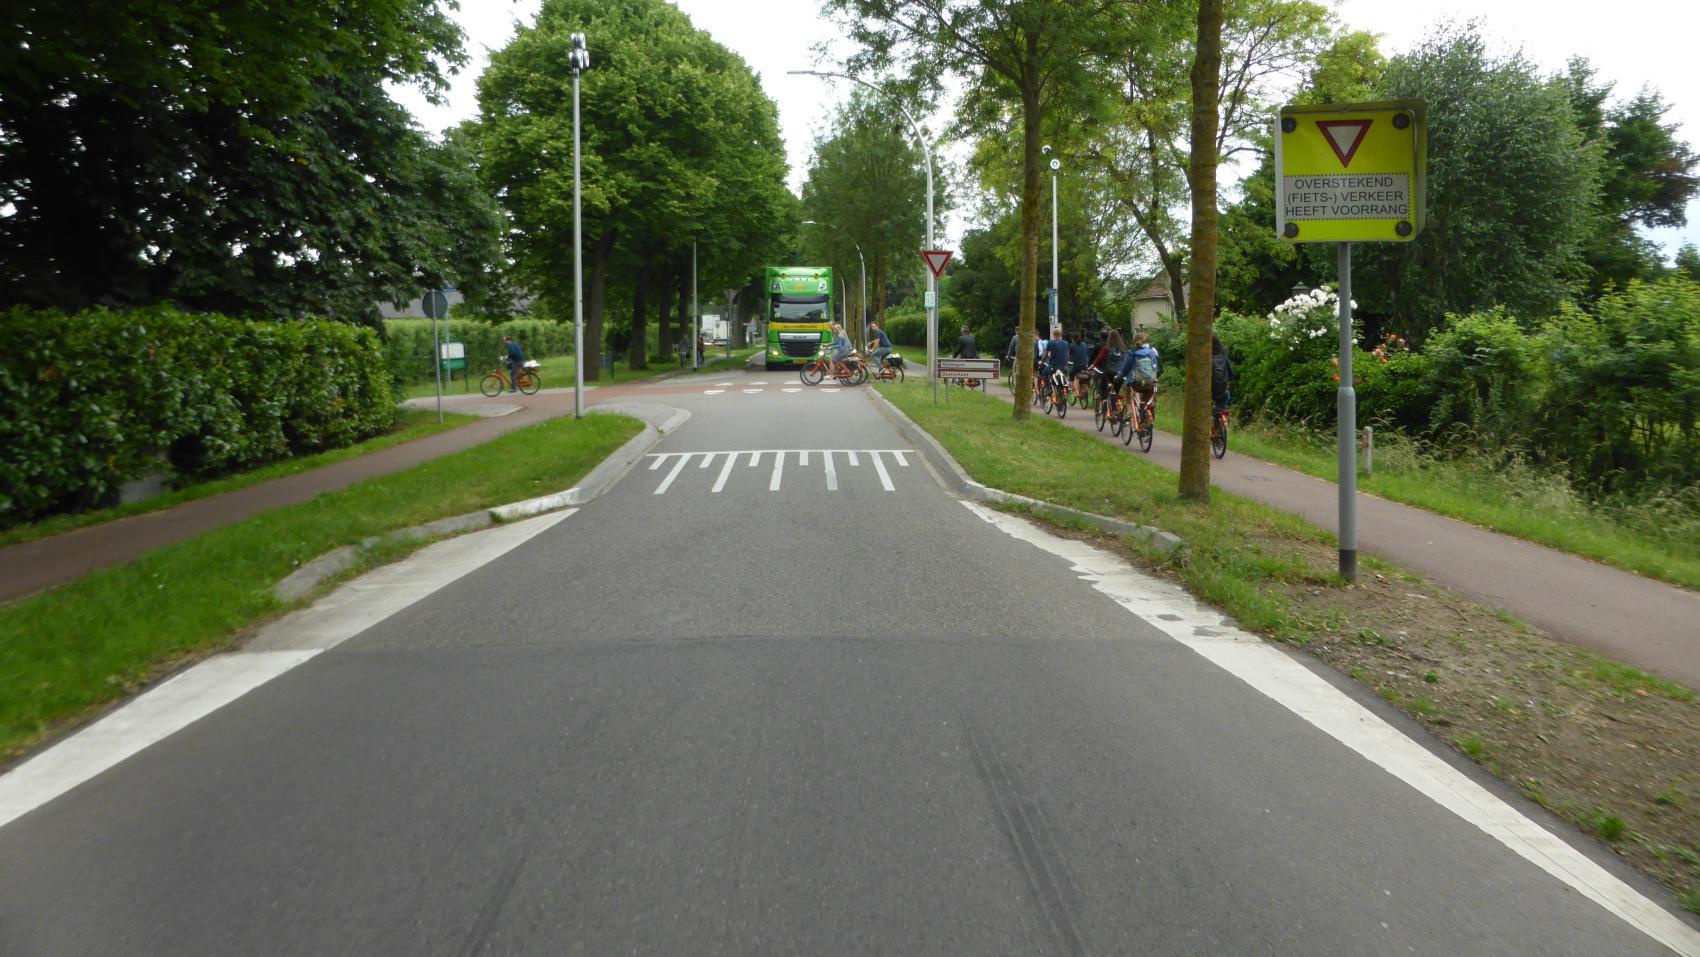 Ressensestraat, Ressen – raised crossing and carriageway narrowing